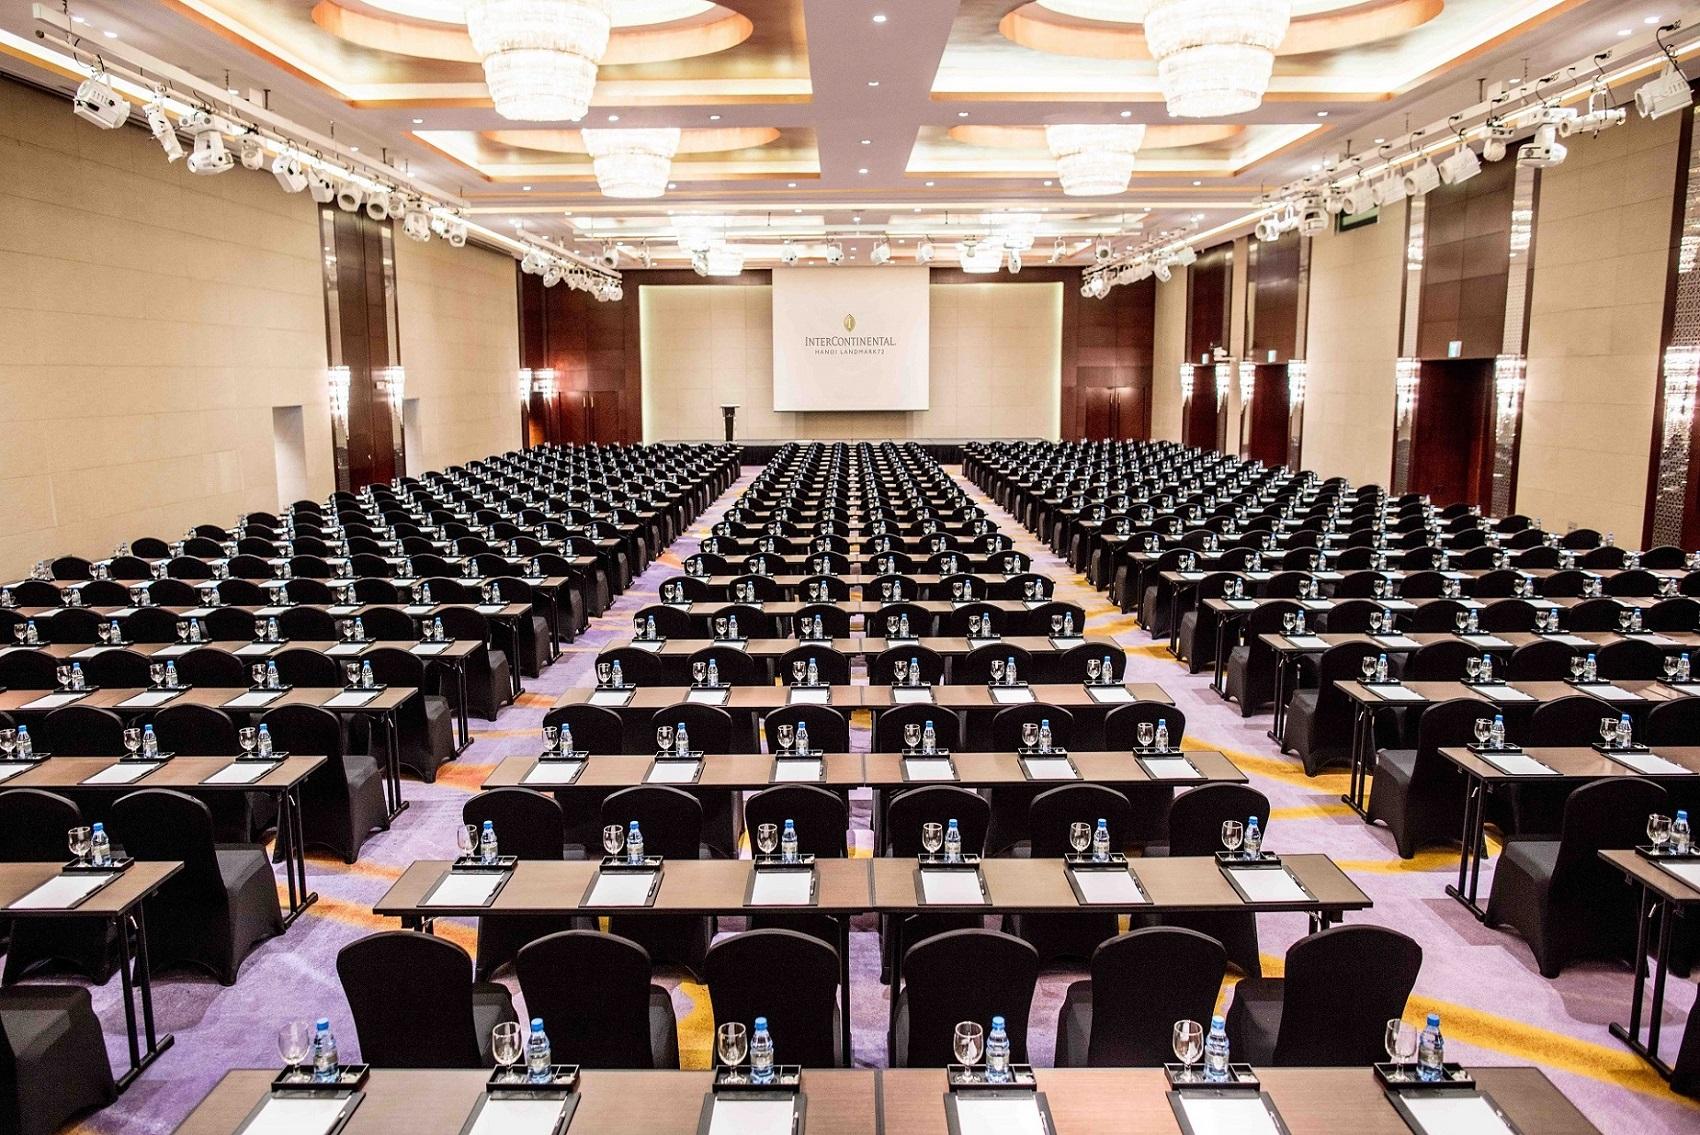 Hanoi hotel conference venue